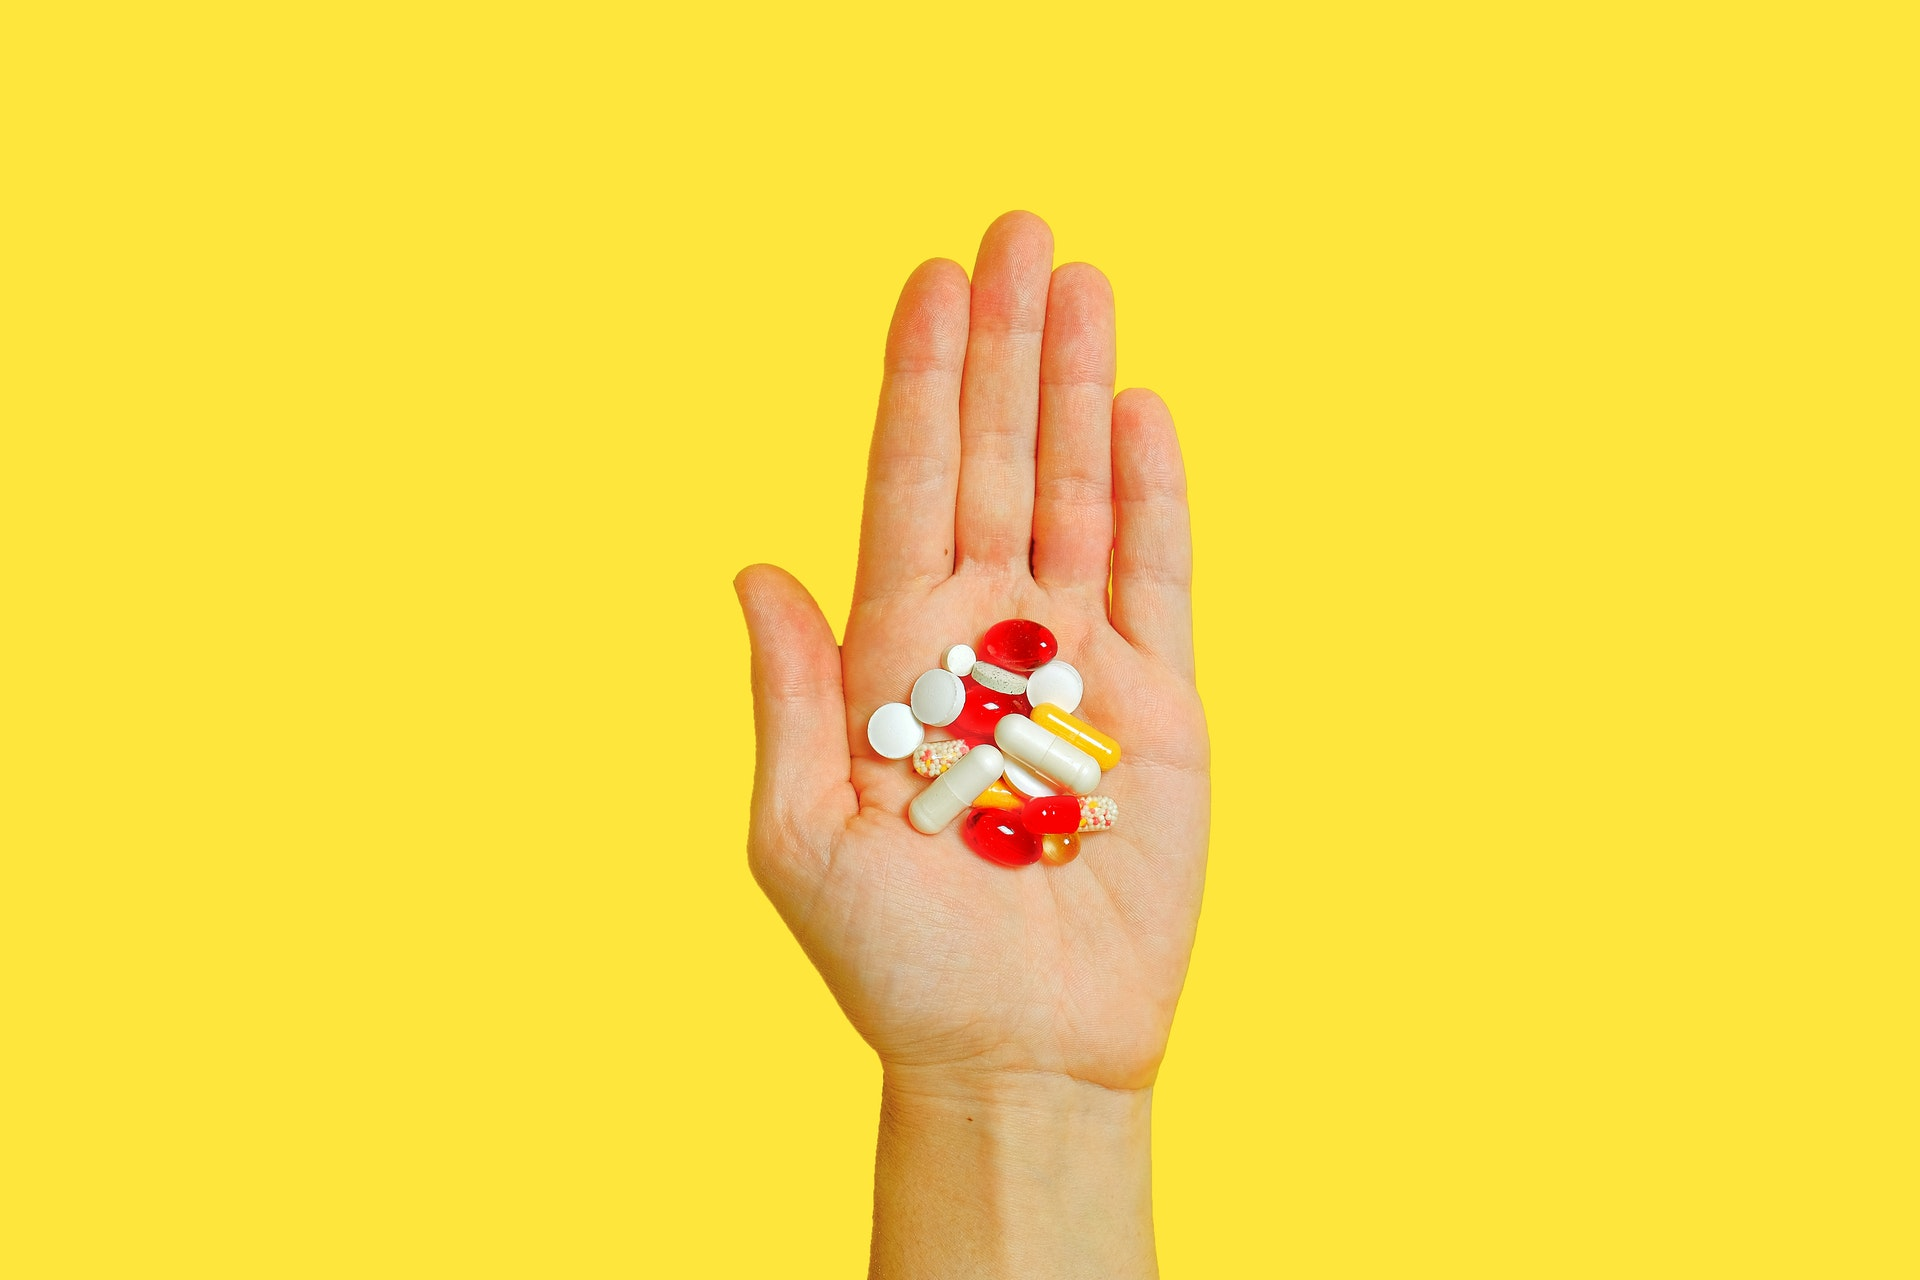 Энтони Фаучи перечислил два лучших витамина для укрепления иммунитета